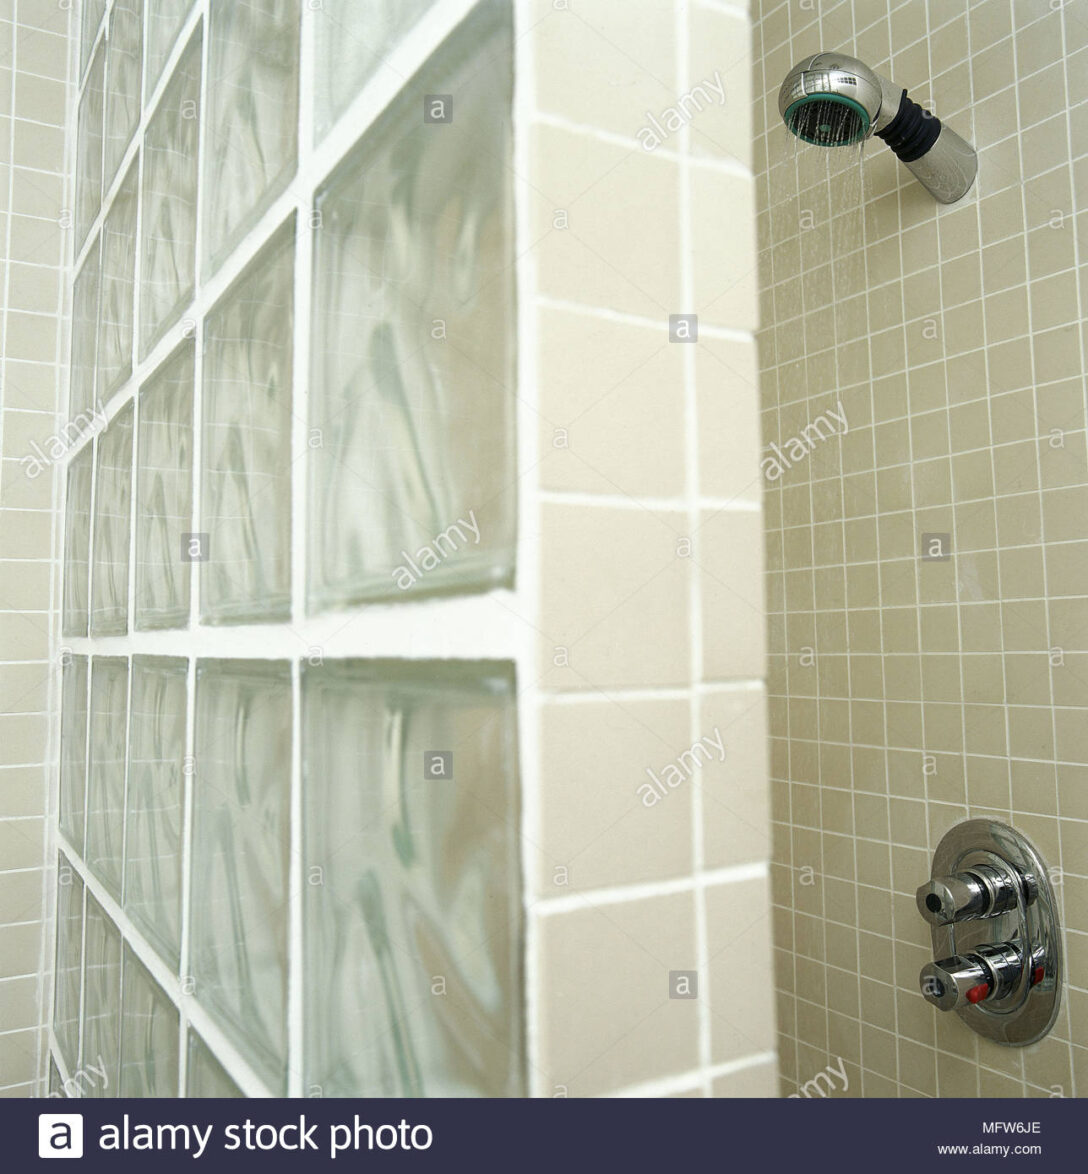 Large Size of Fliesen Für Dusche Modernes Badezimmer Detail Mosaik Glas Block Wand Alarmanlagen Fenster Und Türen Sichtschutzfolien Bodengleiche Bidet Körbe Holzfliesen Dusche Fliesen Für Dusche